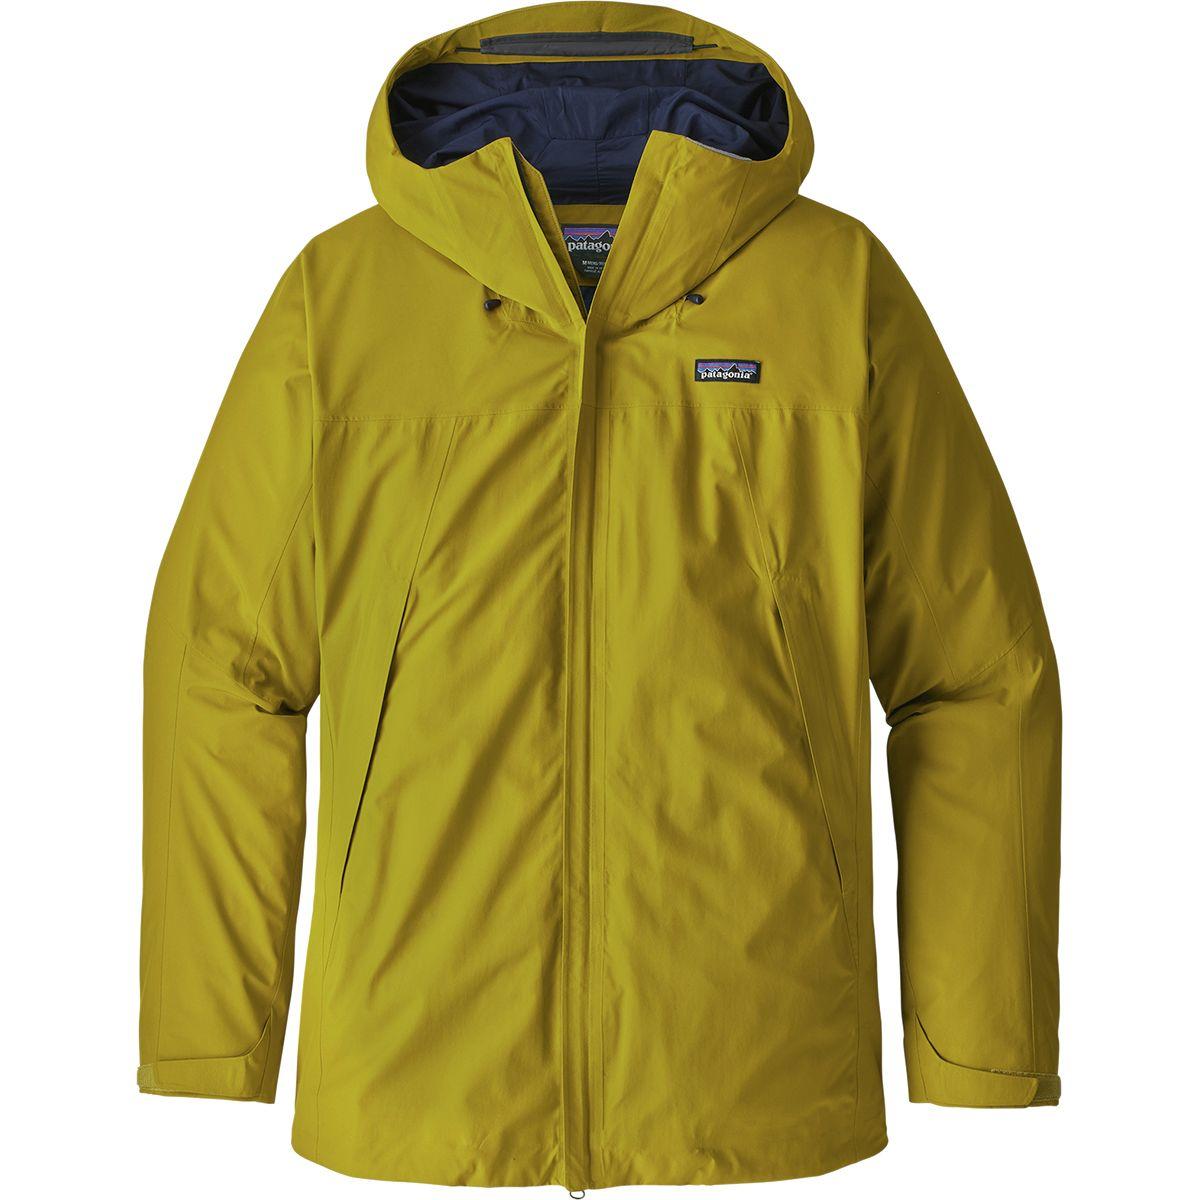 Patagonia Departer Jacket